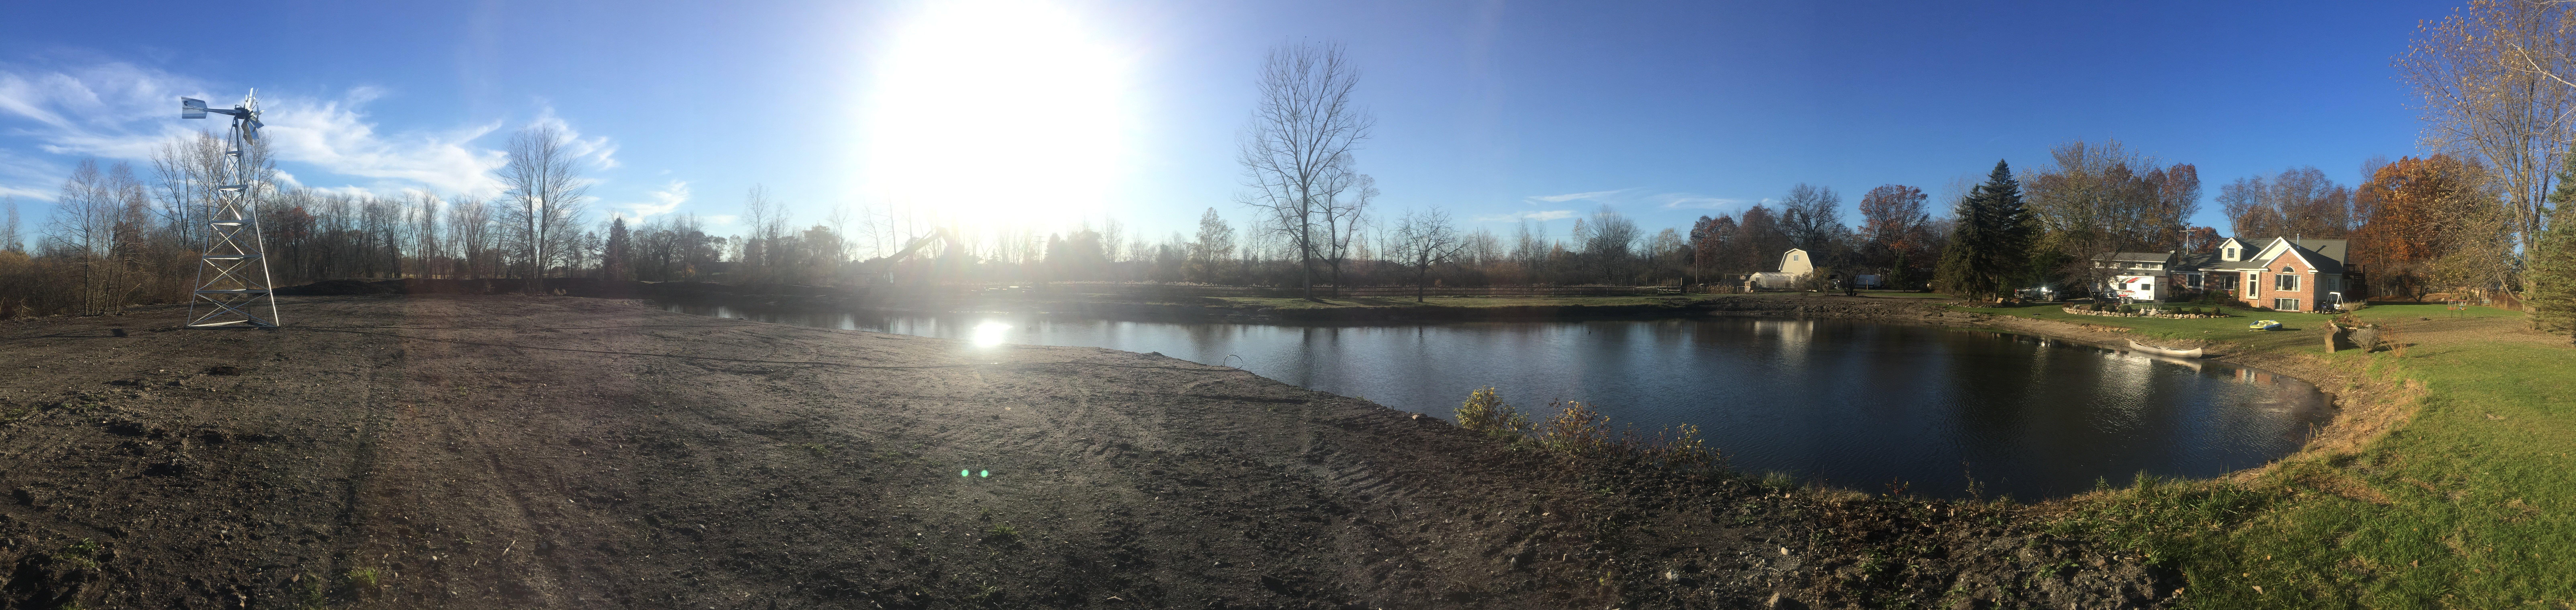 Pinckney, Michigan Pond Renovation Windmill Install (38)